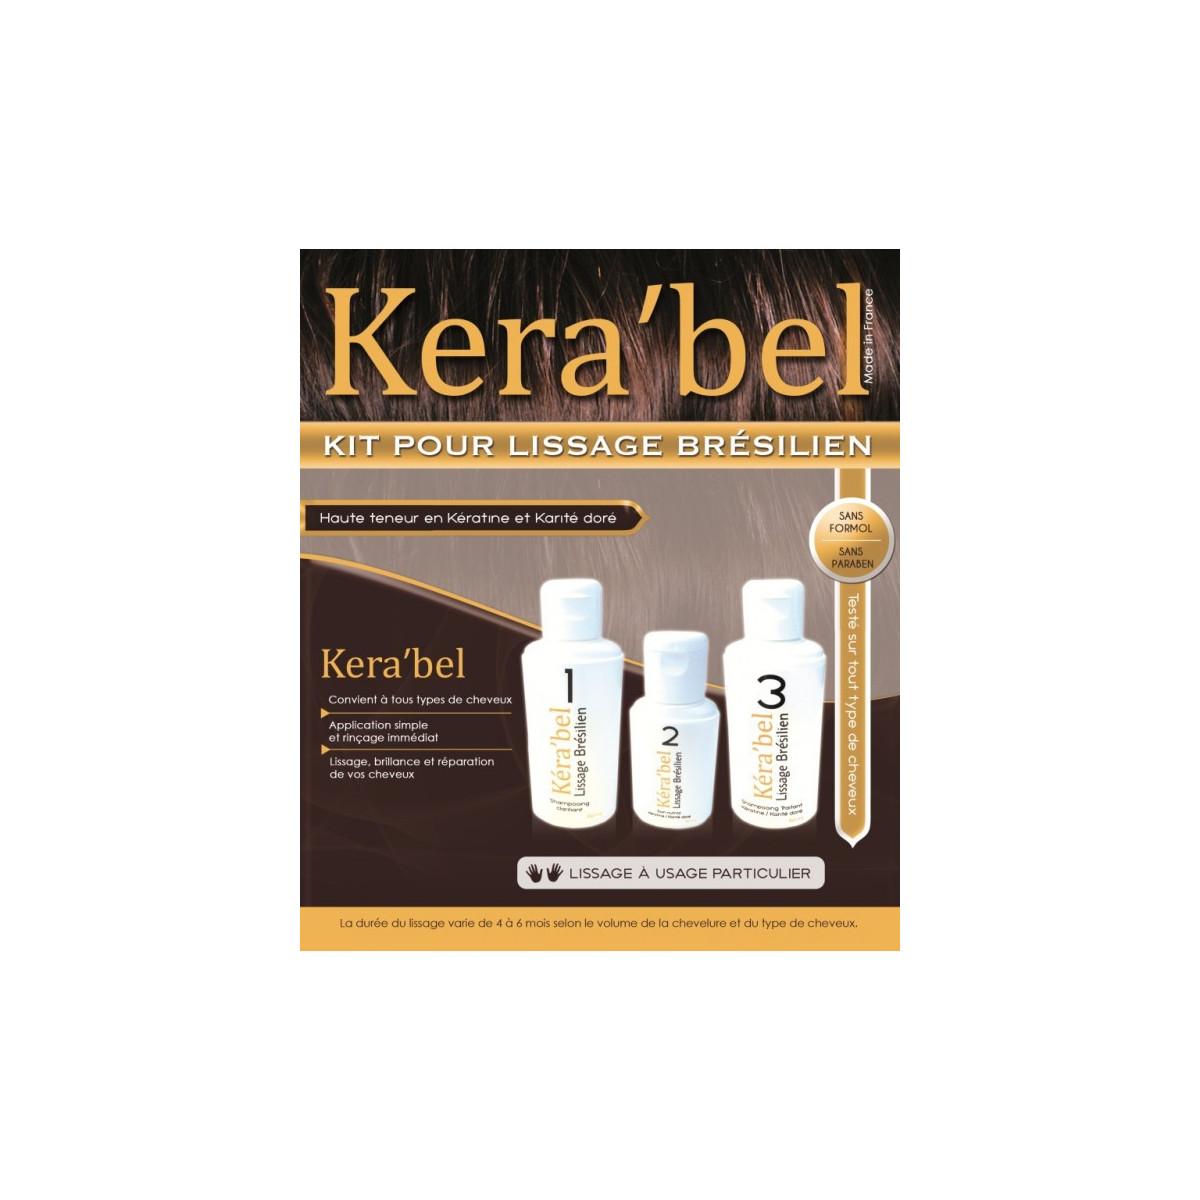 Kit de lissage Brésilien Kera'bel